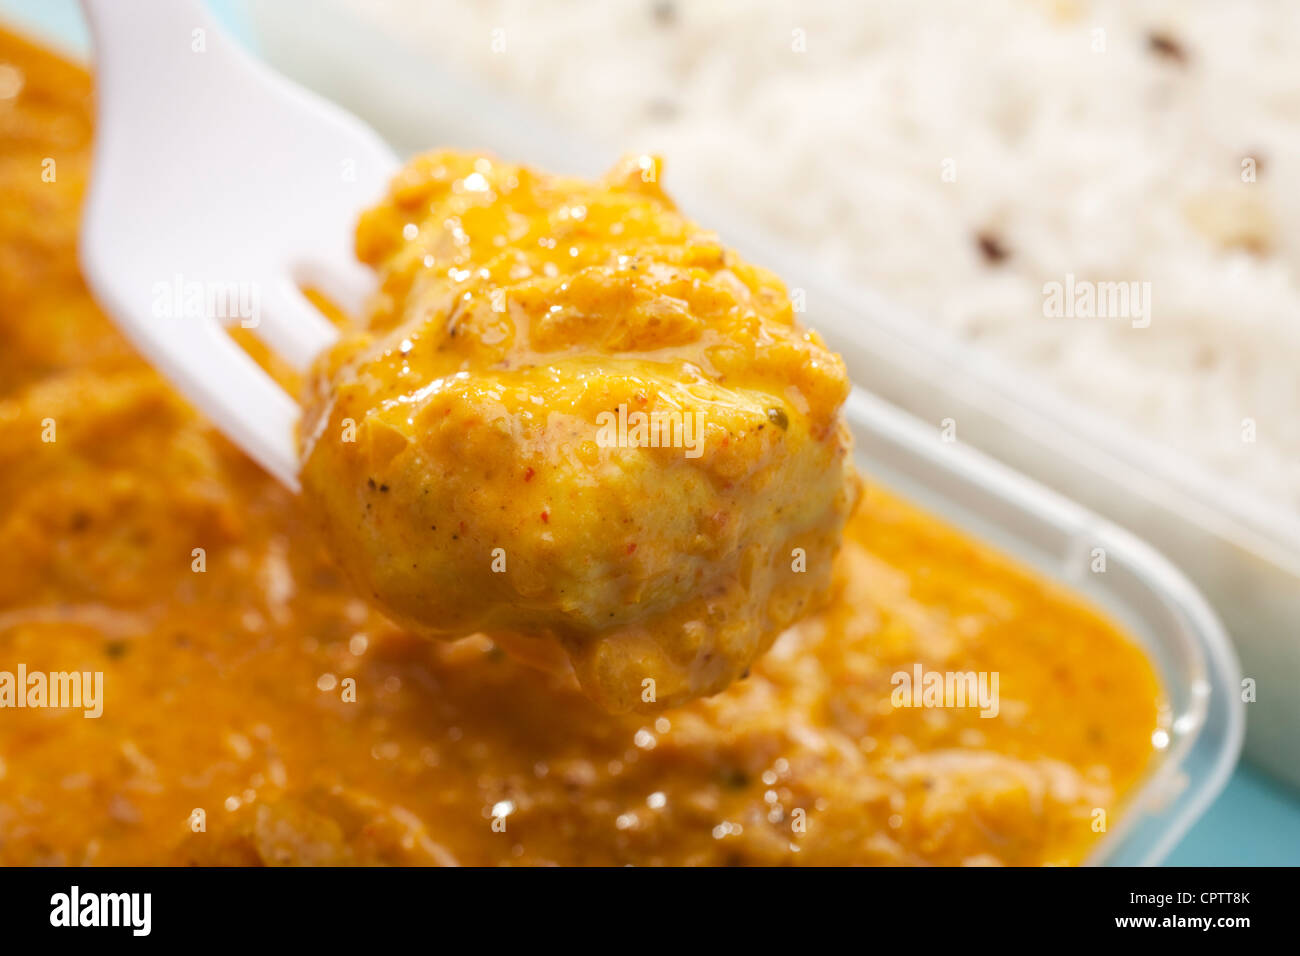 Pièce montée des fourches des Affaires indiennes à emporter repas de poulet curry bhuna ou bhoona Photo Stock